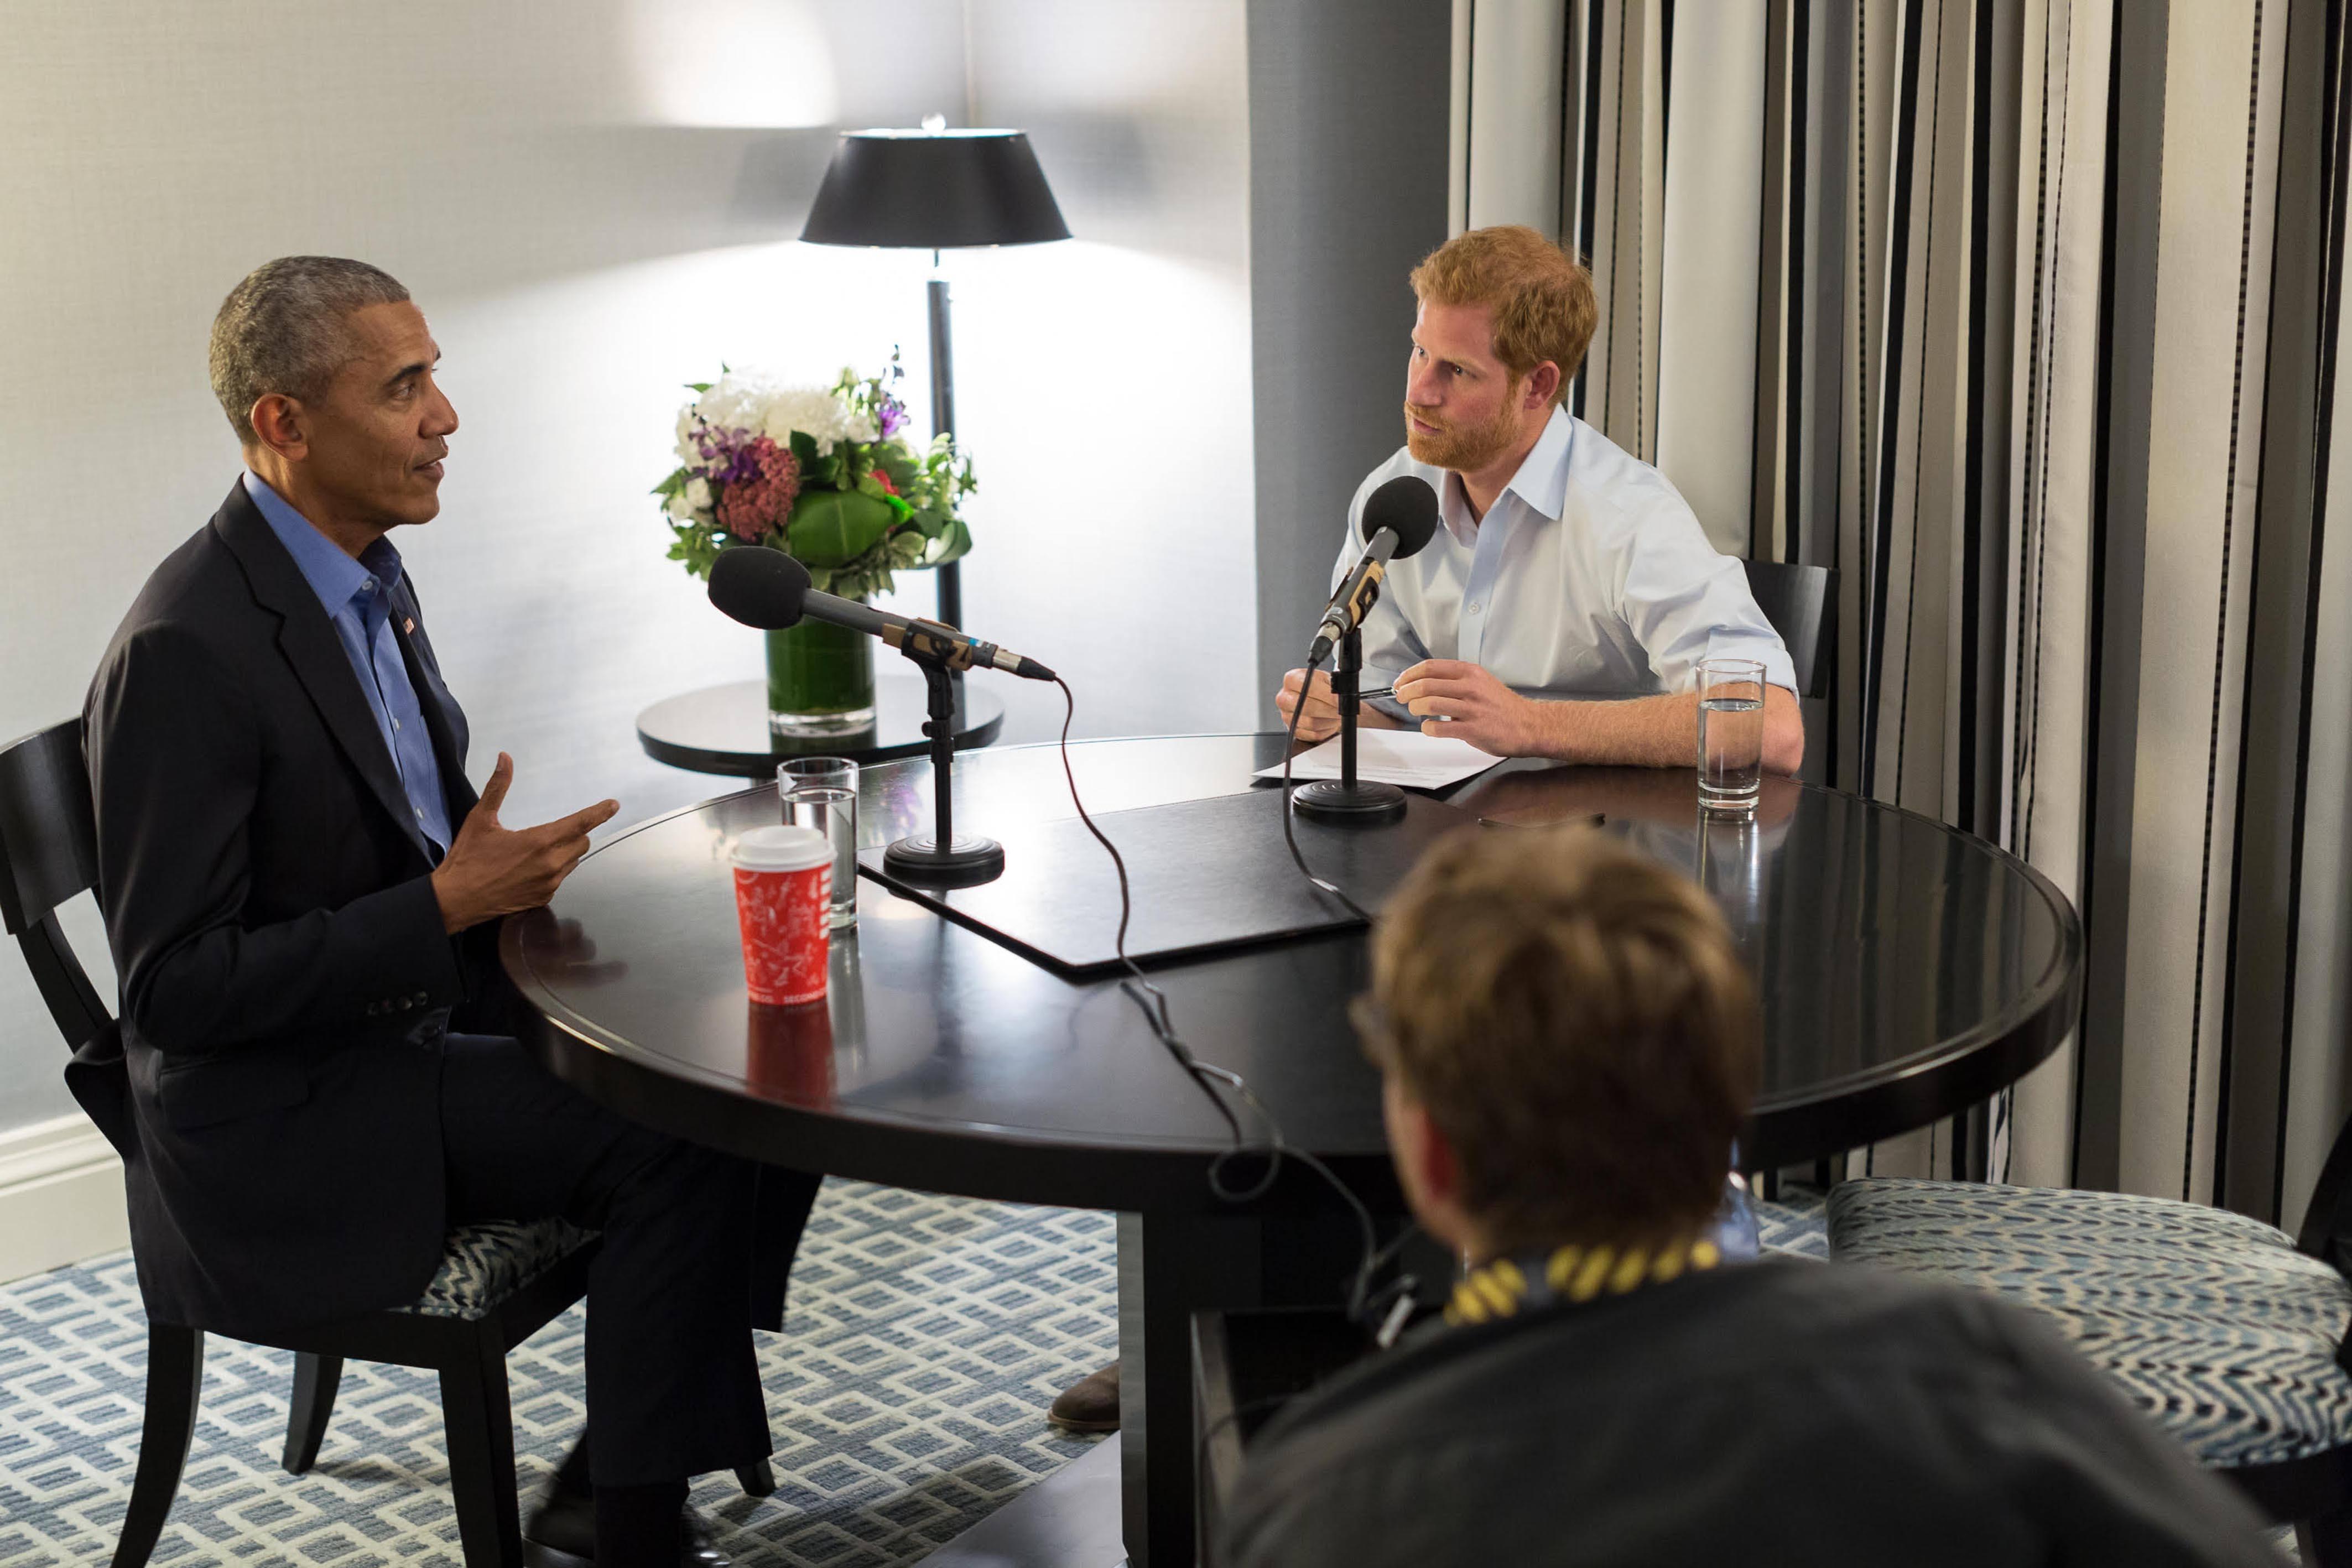 Prince Harry interviews former US President Barack Obama